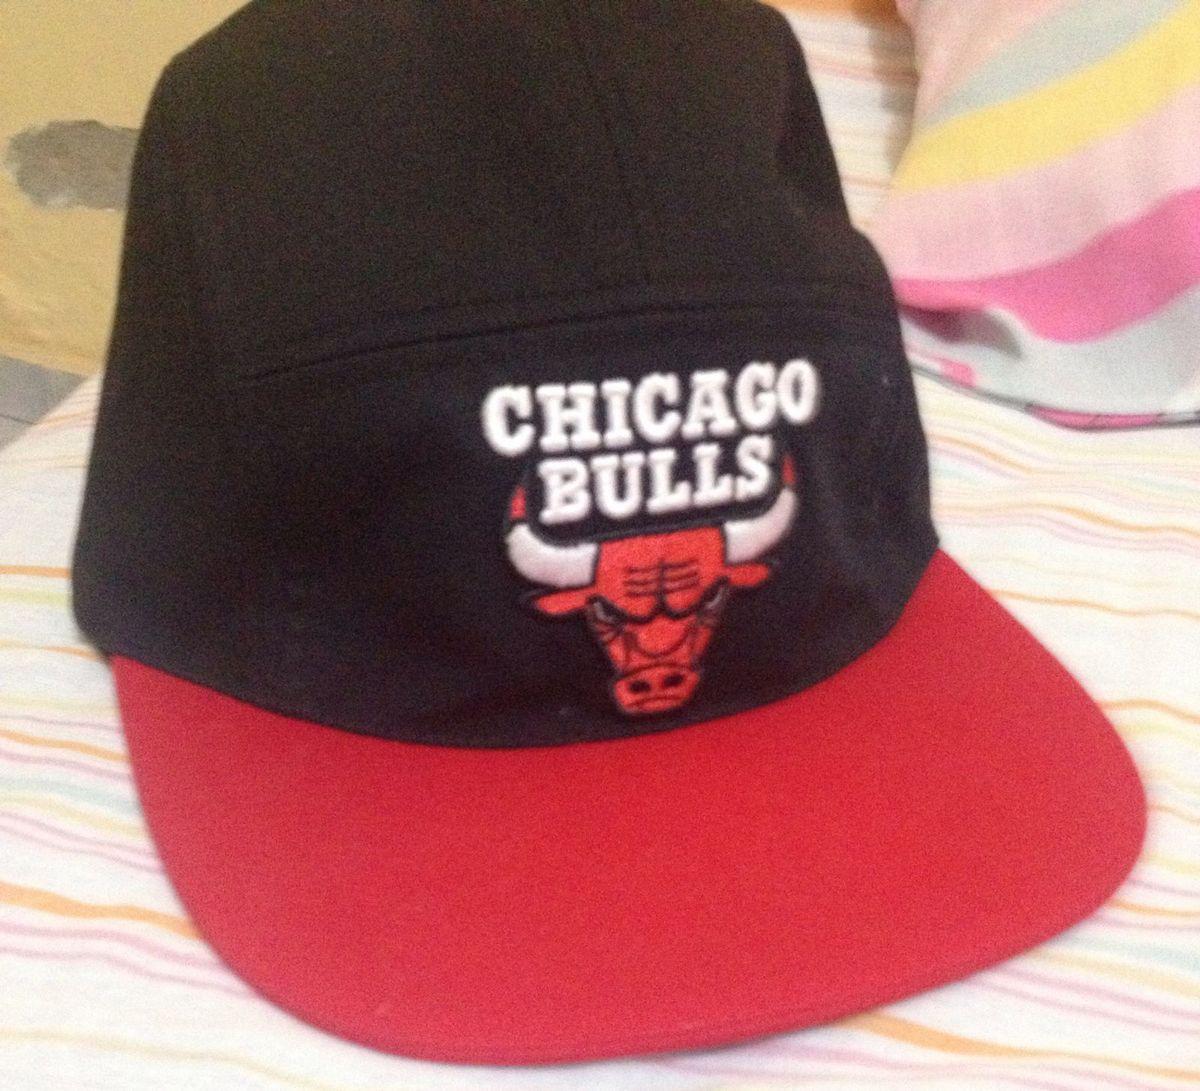 44ebaa3d4ce9e boné chicago bulls - bonés adidas.  Czm6ly9wag90b3muzw5qb2vplmnvbs5ici9wcm9kdwn0cy85nzy0nzuvytuwndhkmdkxywy4mzbkmzbjntlhnzkzyzbindfjm2iuanbn  ...